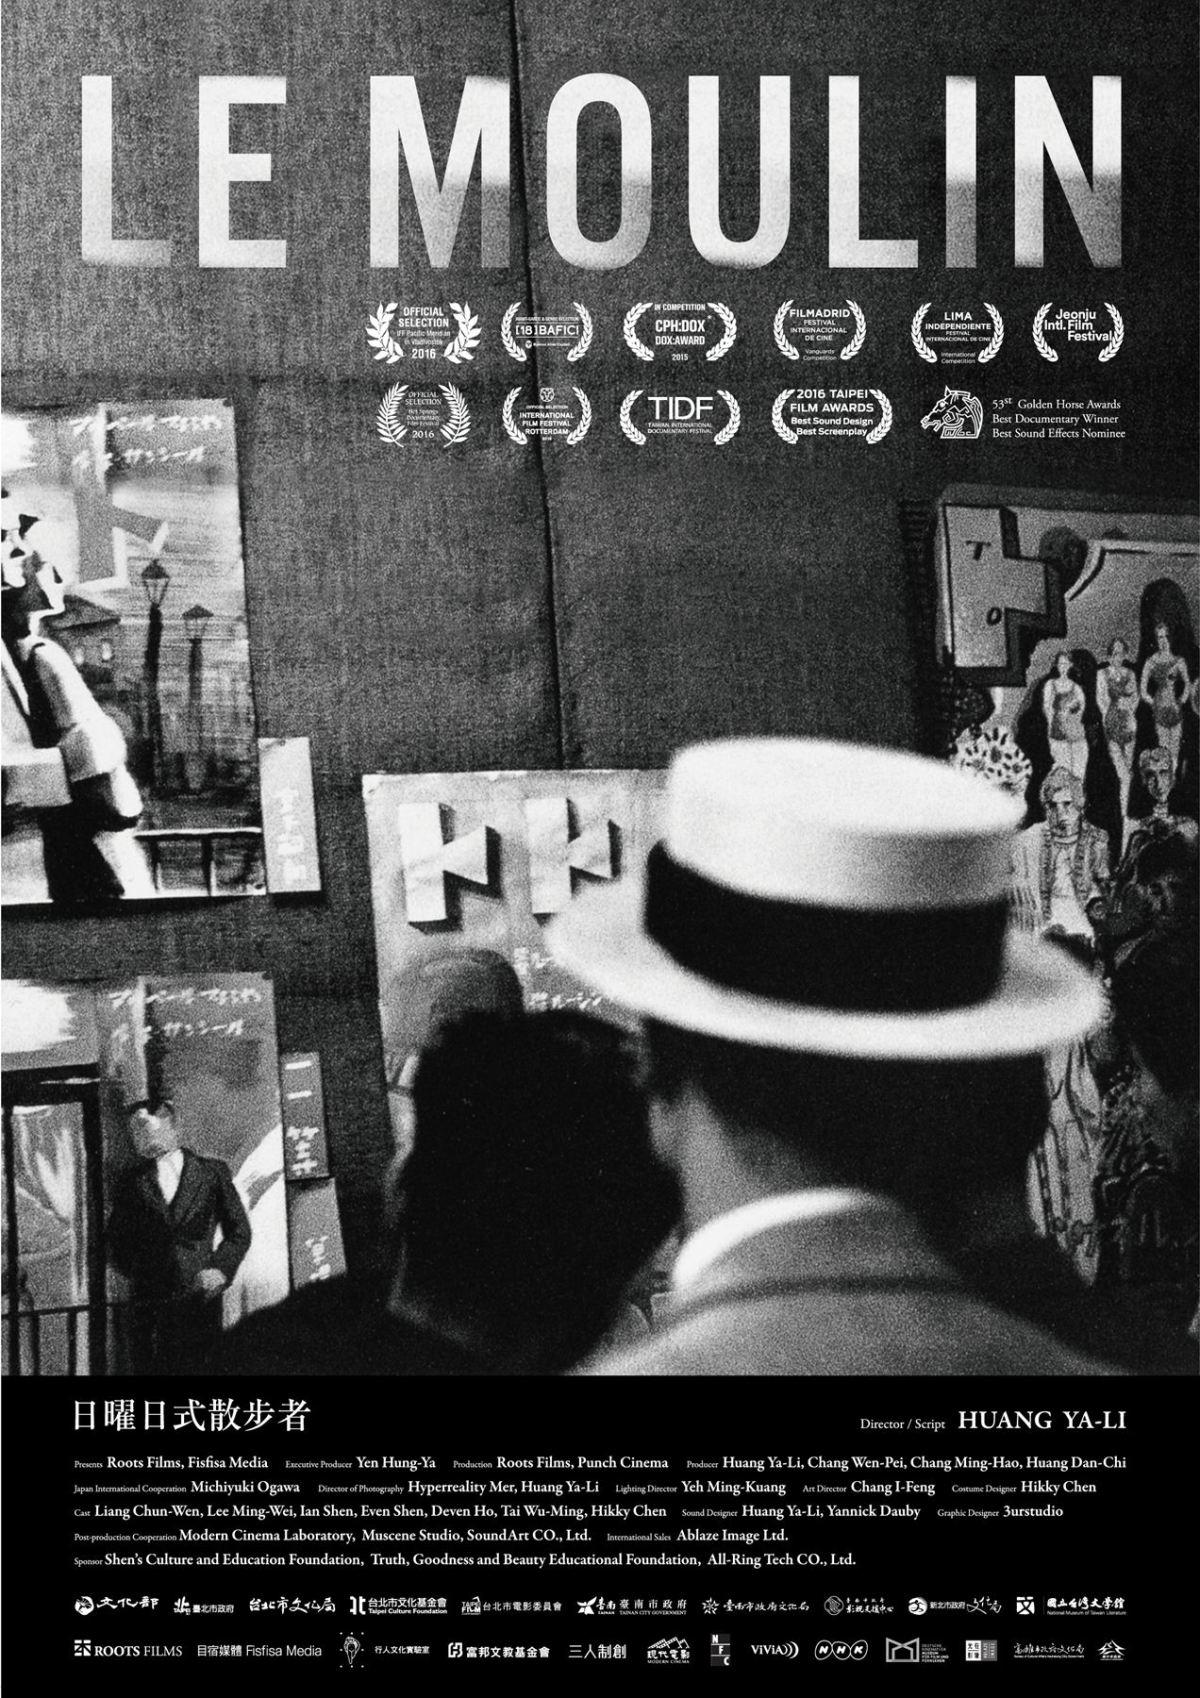 """""""เทศกาลภาพยนตร์สารคดีไต้หวันกรุงเทพฯ"""" ครั้งแรกของประเทศไทย 15 -"""